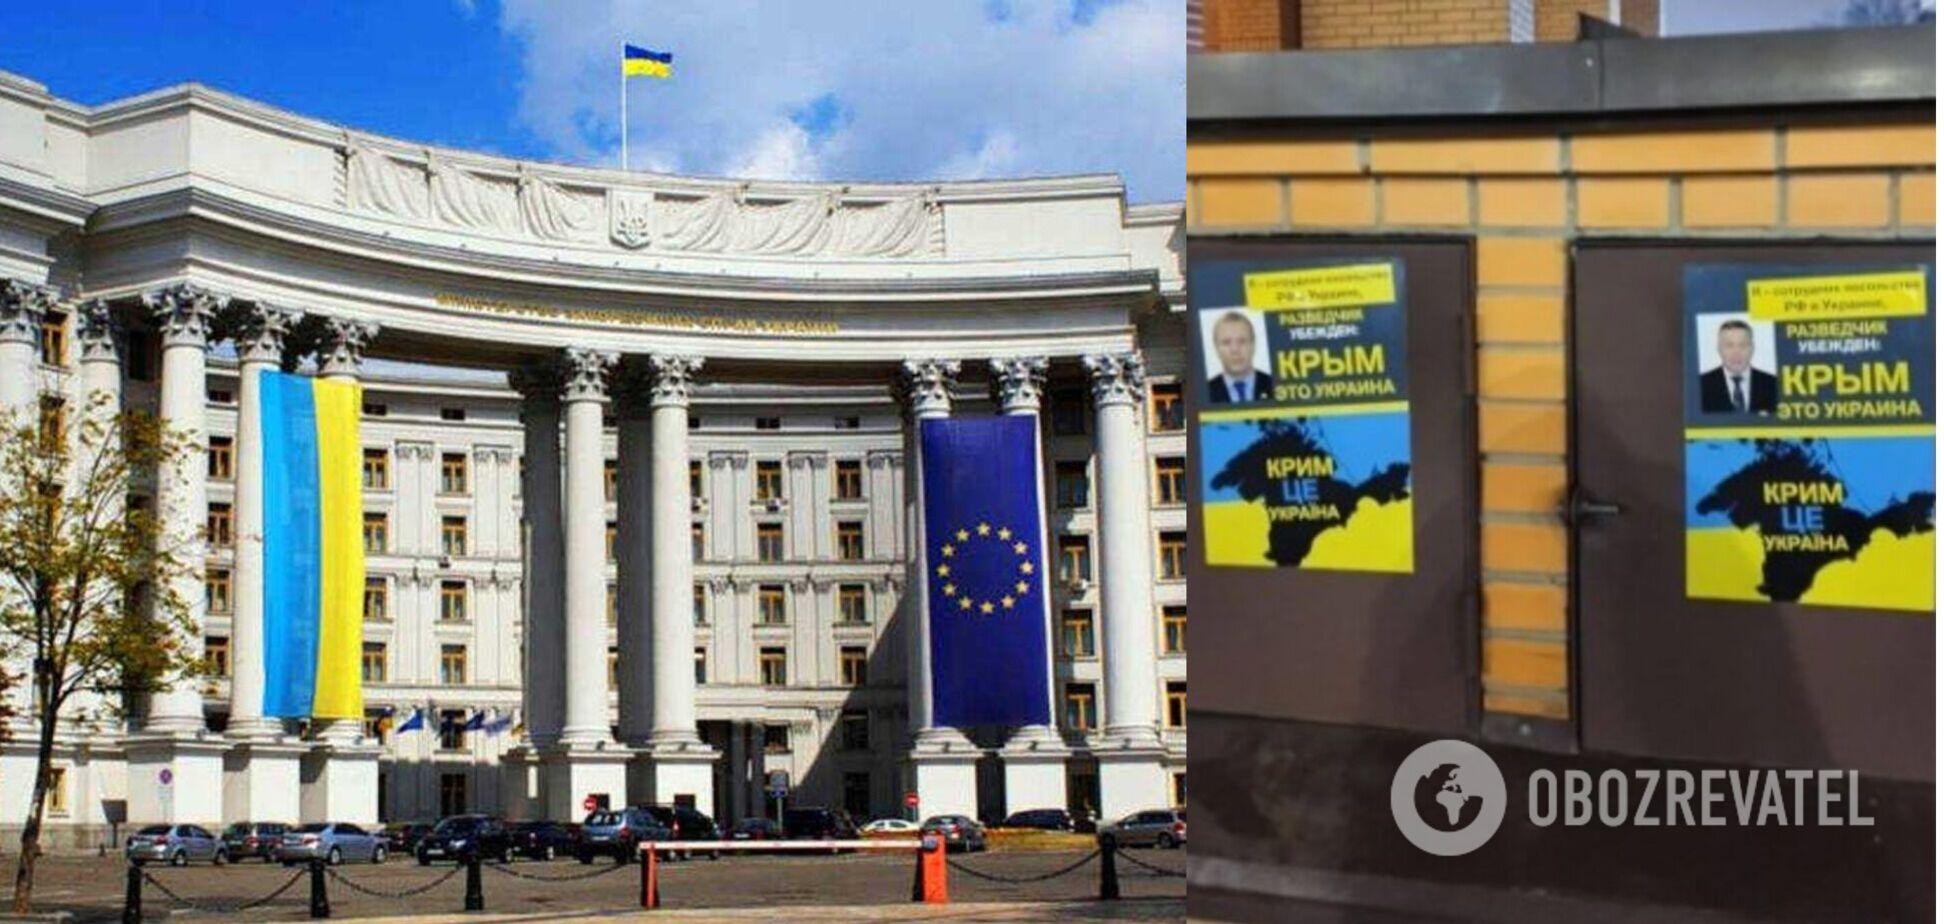 МИД Украины получит ноту протеста из-за троллинга российских дипломатов в Киеве